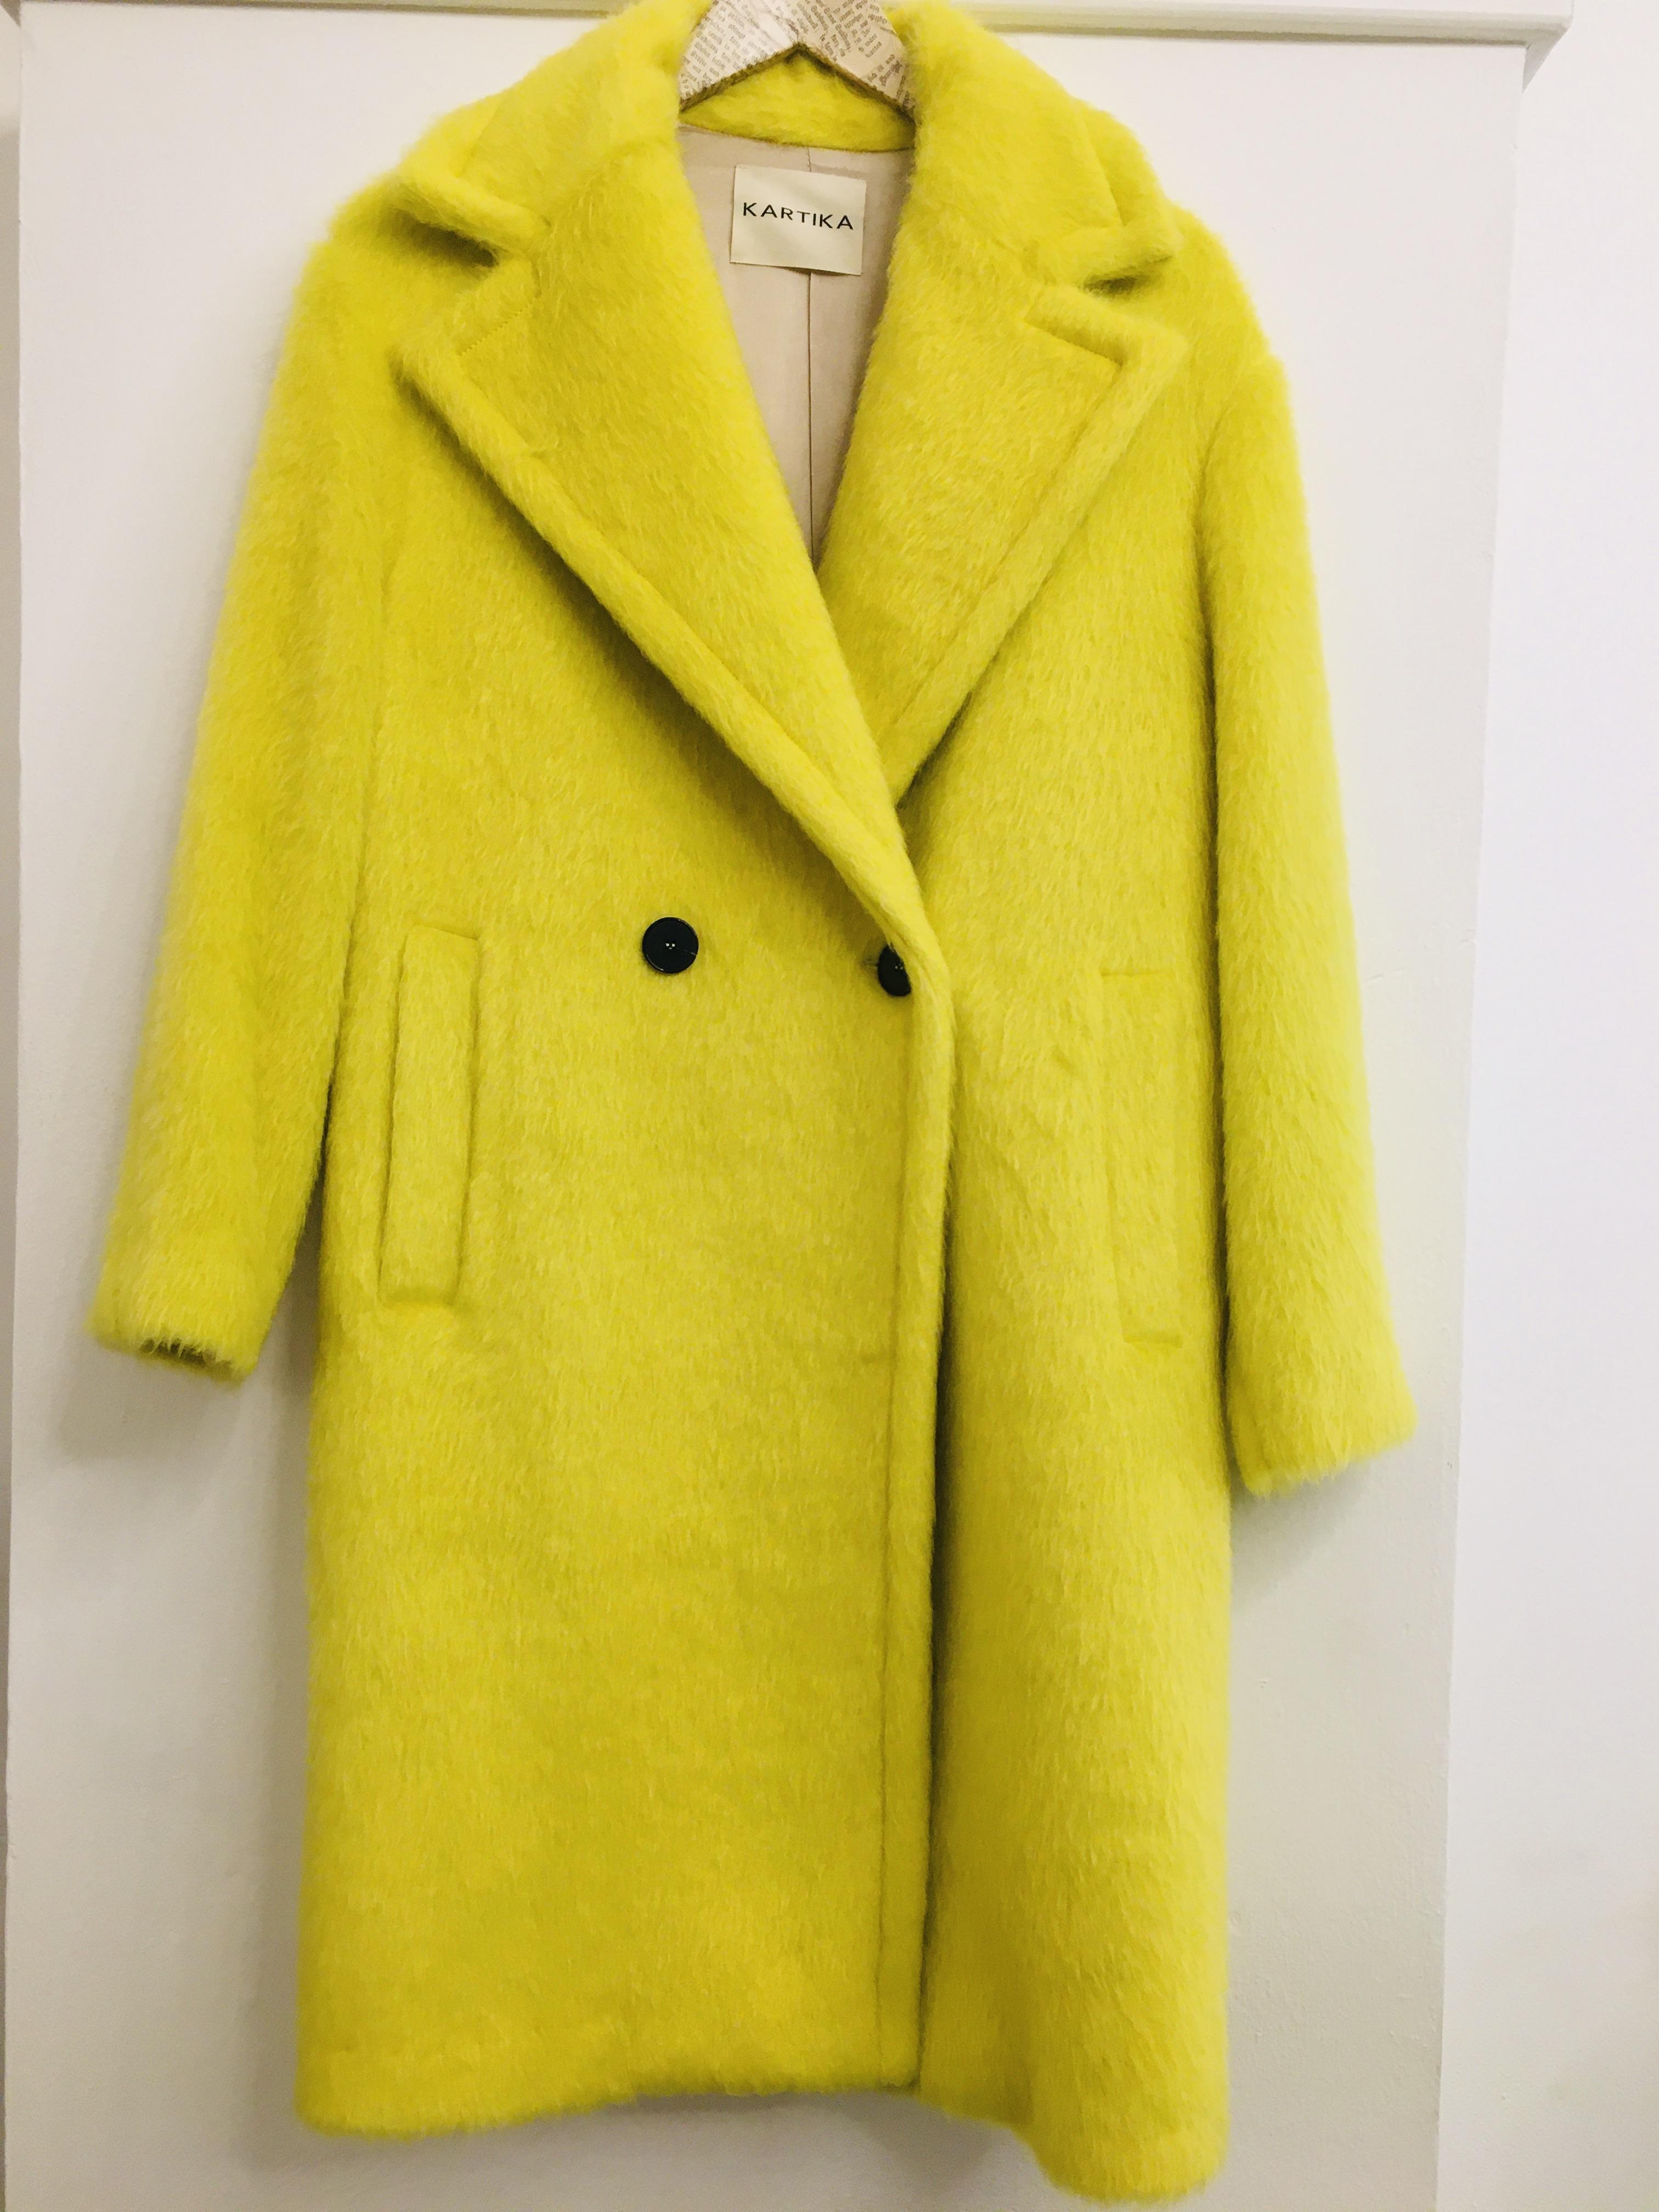 Cappotto donna| cappotto in lana| giallo fluo| con chiusura doppiopetto| con due tasche frontali| made in Italy